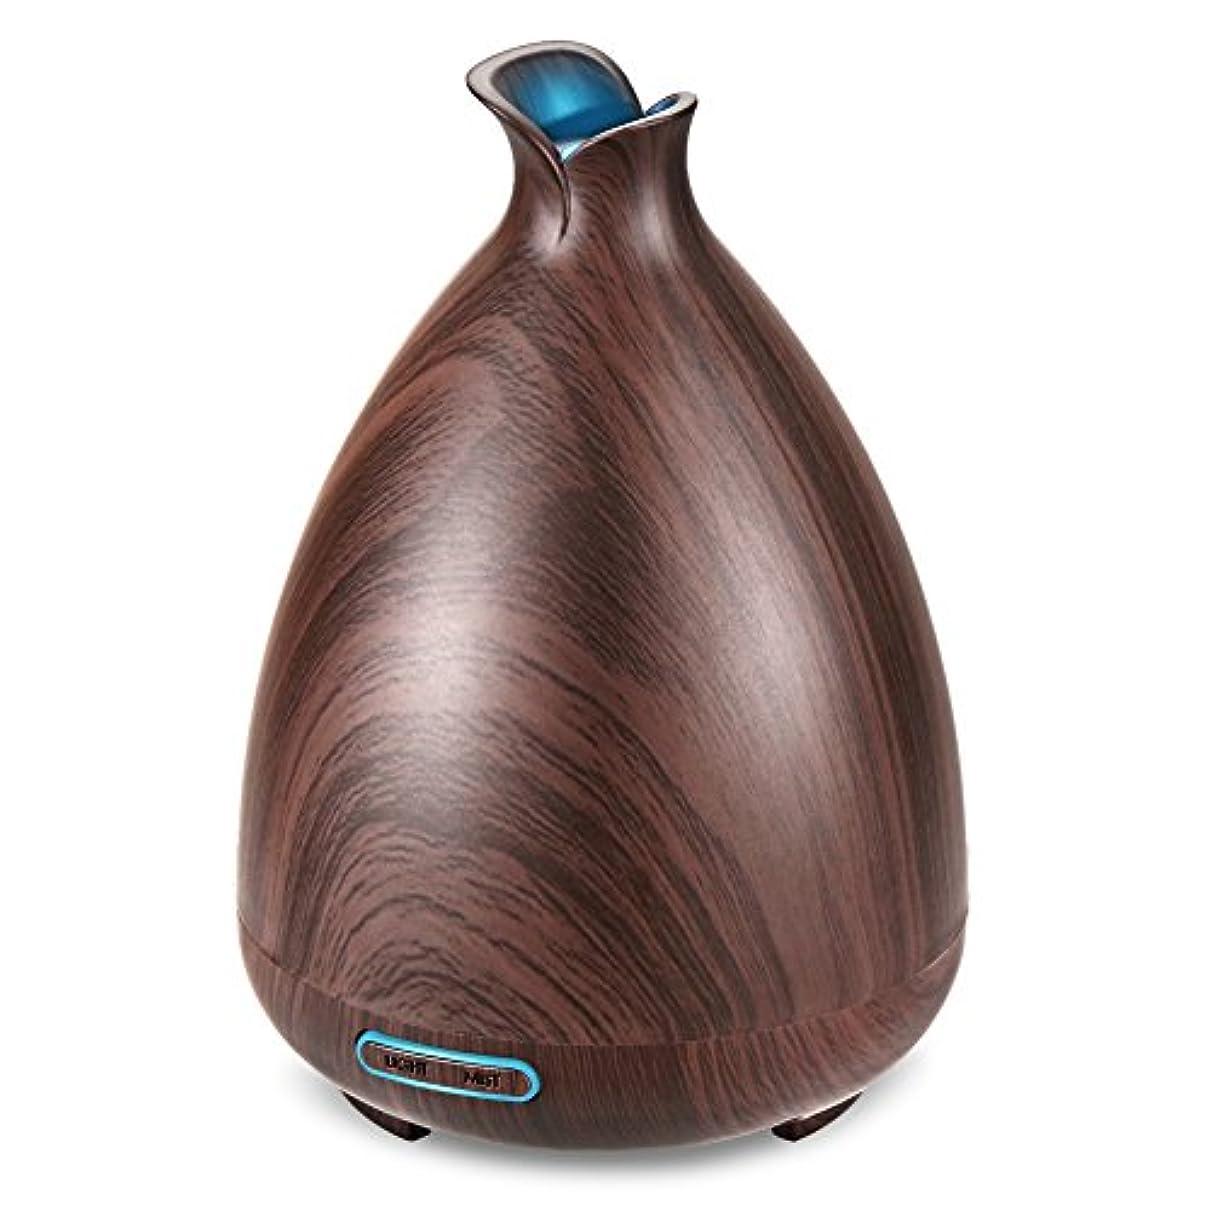 知事瞳フラッシュのように素早く(Brown) - URPOWER Essential Oil Diffuser 130ml Wood Grain Ultrasonic Aromatherapy Oil Diffuser with Adjustable...